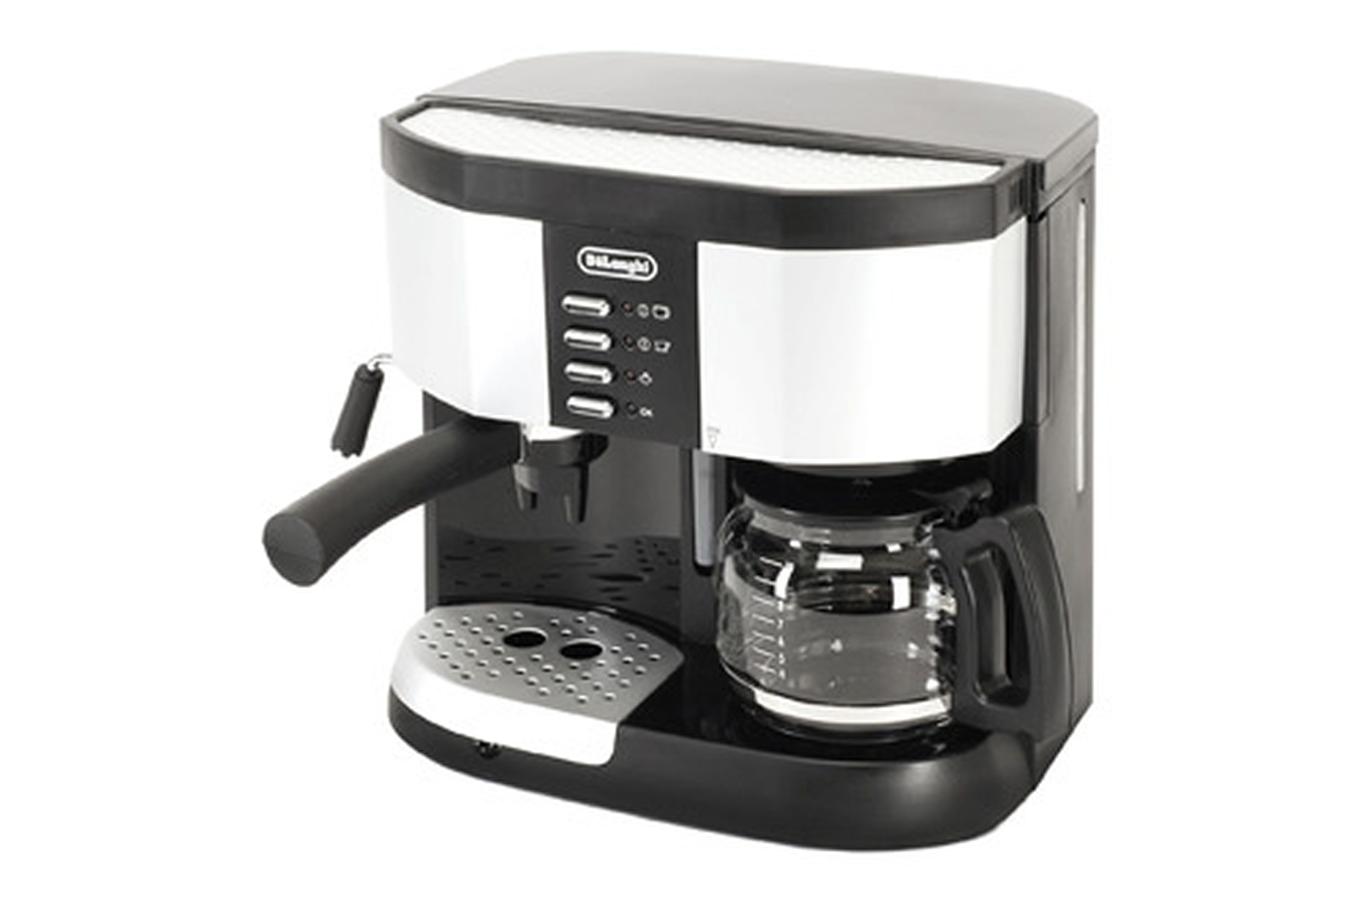 Combin expresso cafeti re delonghi bc0 255 pompe noir bc0255 2302730 d - Choisir sa cafetiere expresso ...